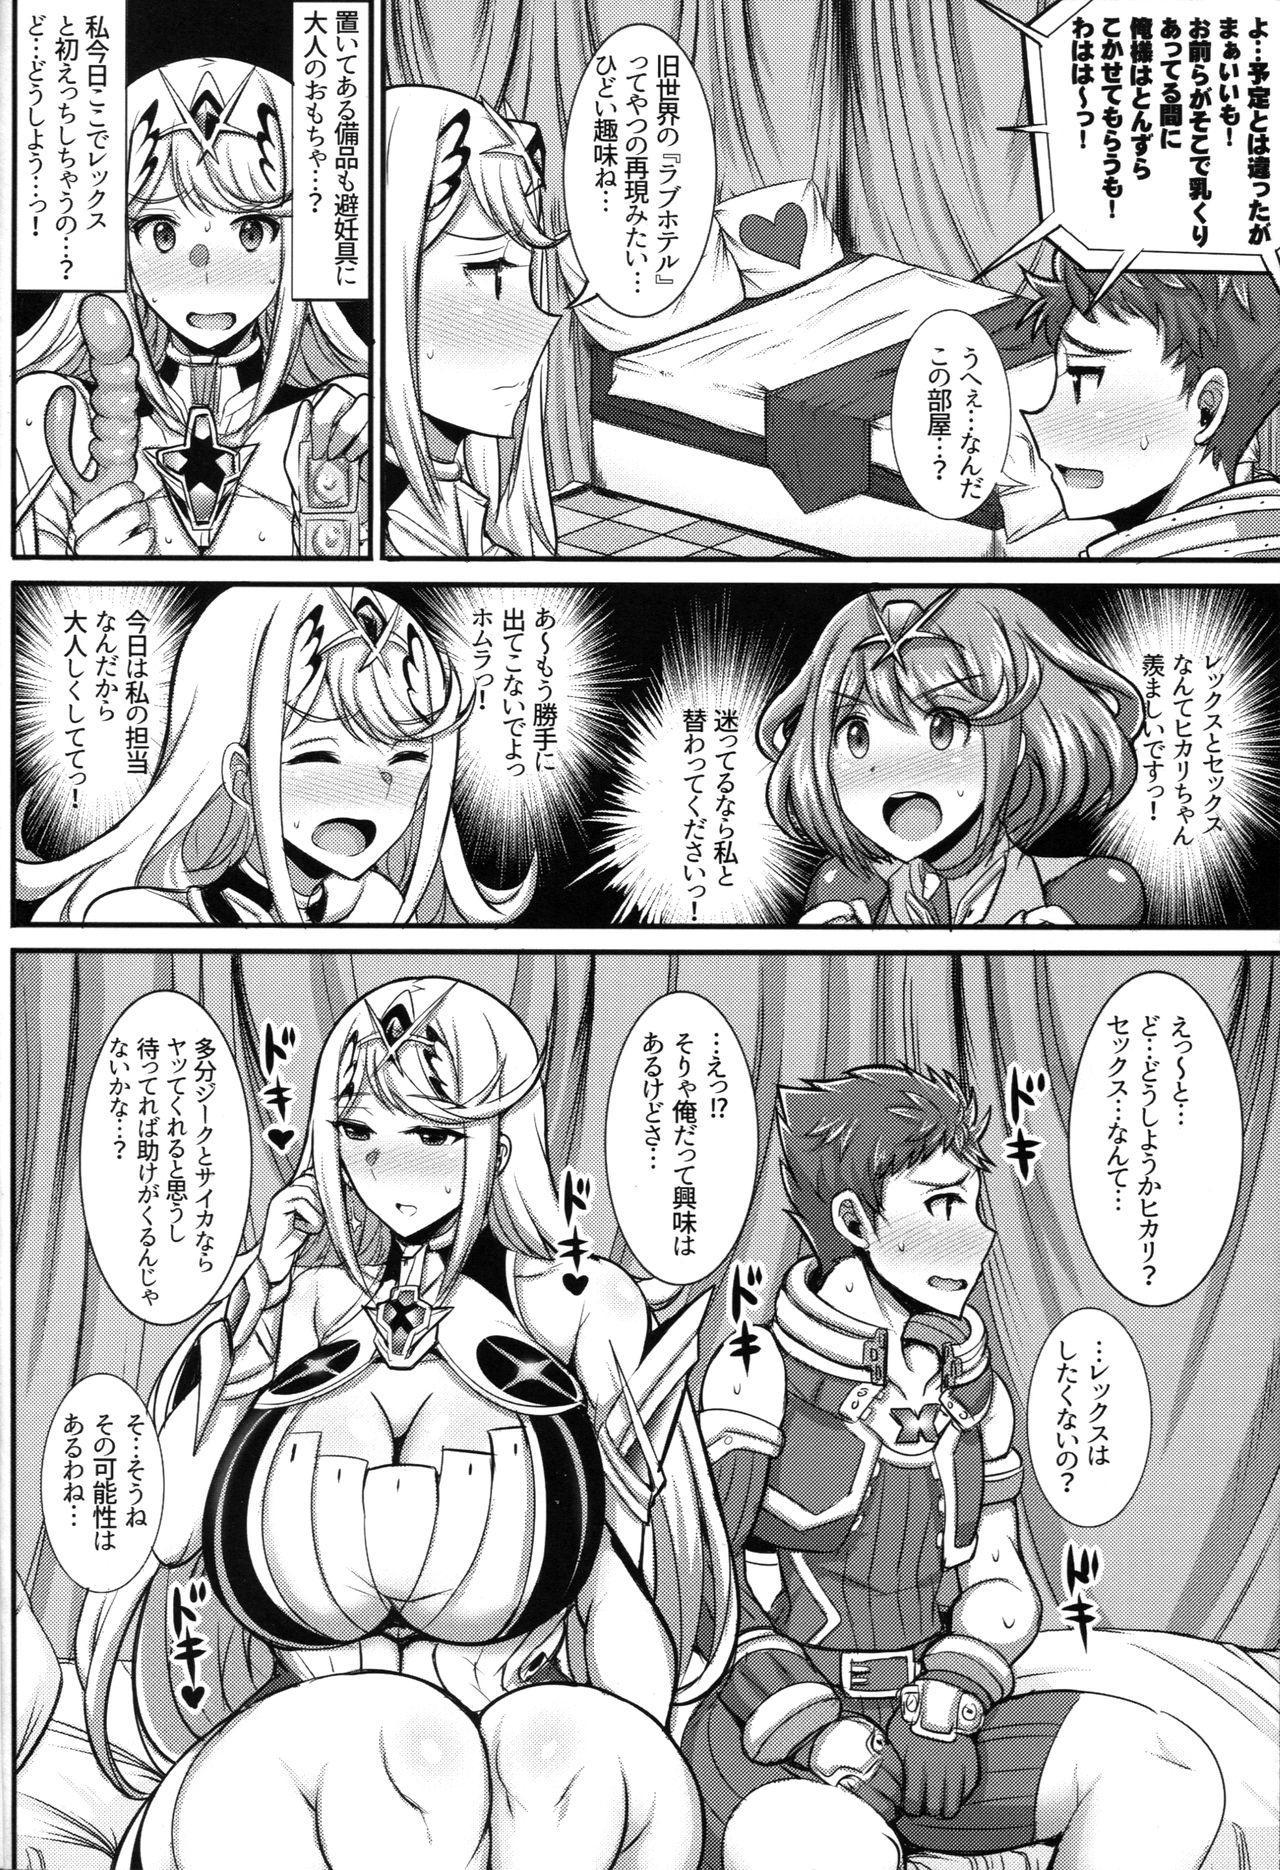 Hikari-chan ga Oshiete Ageru 2